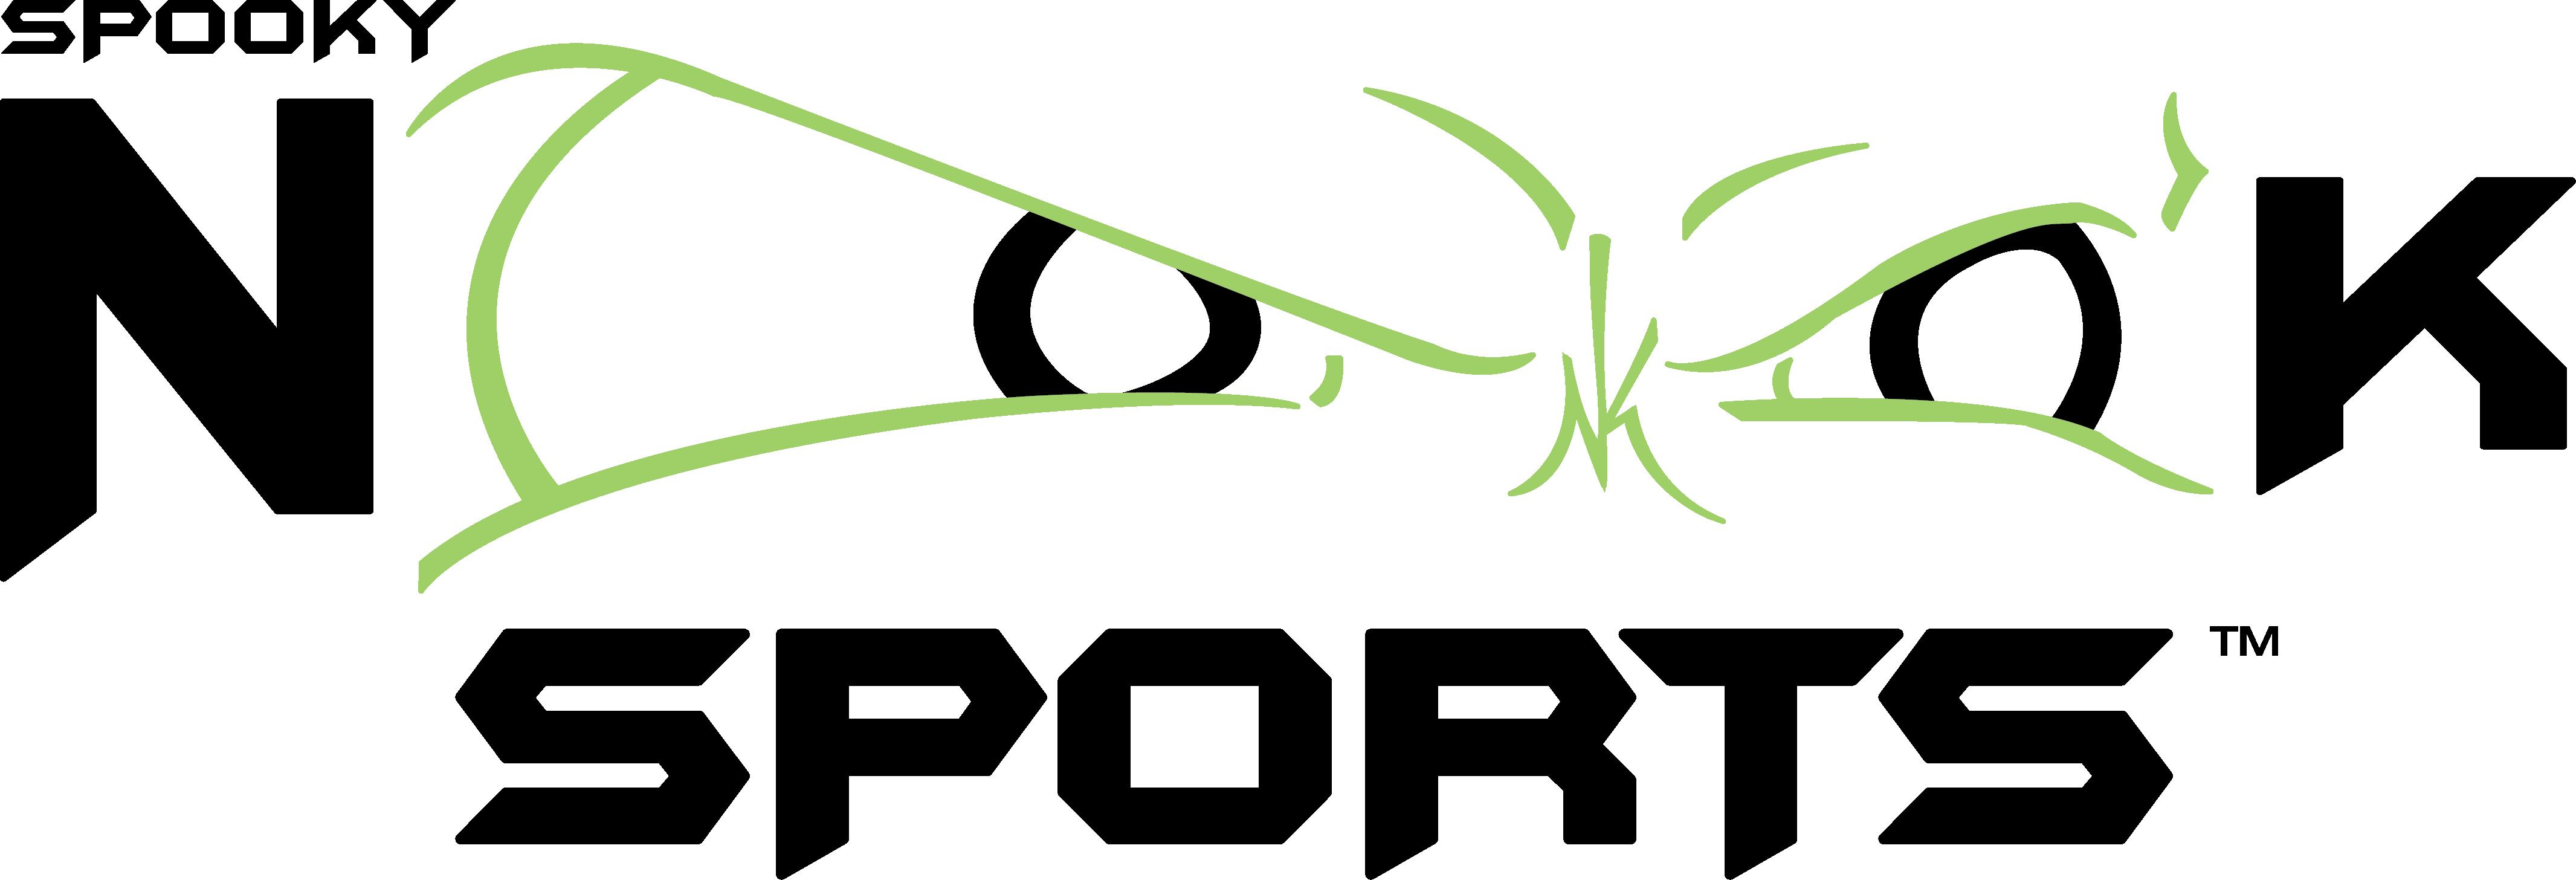 Black Spooky Nook logo